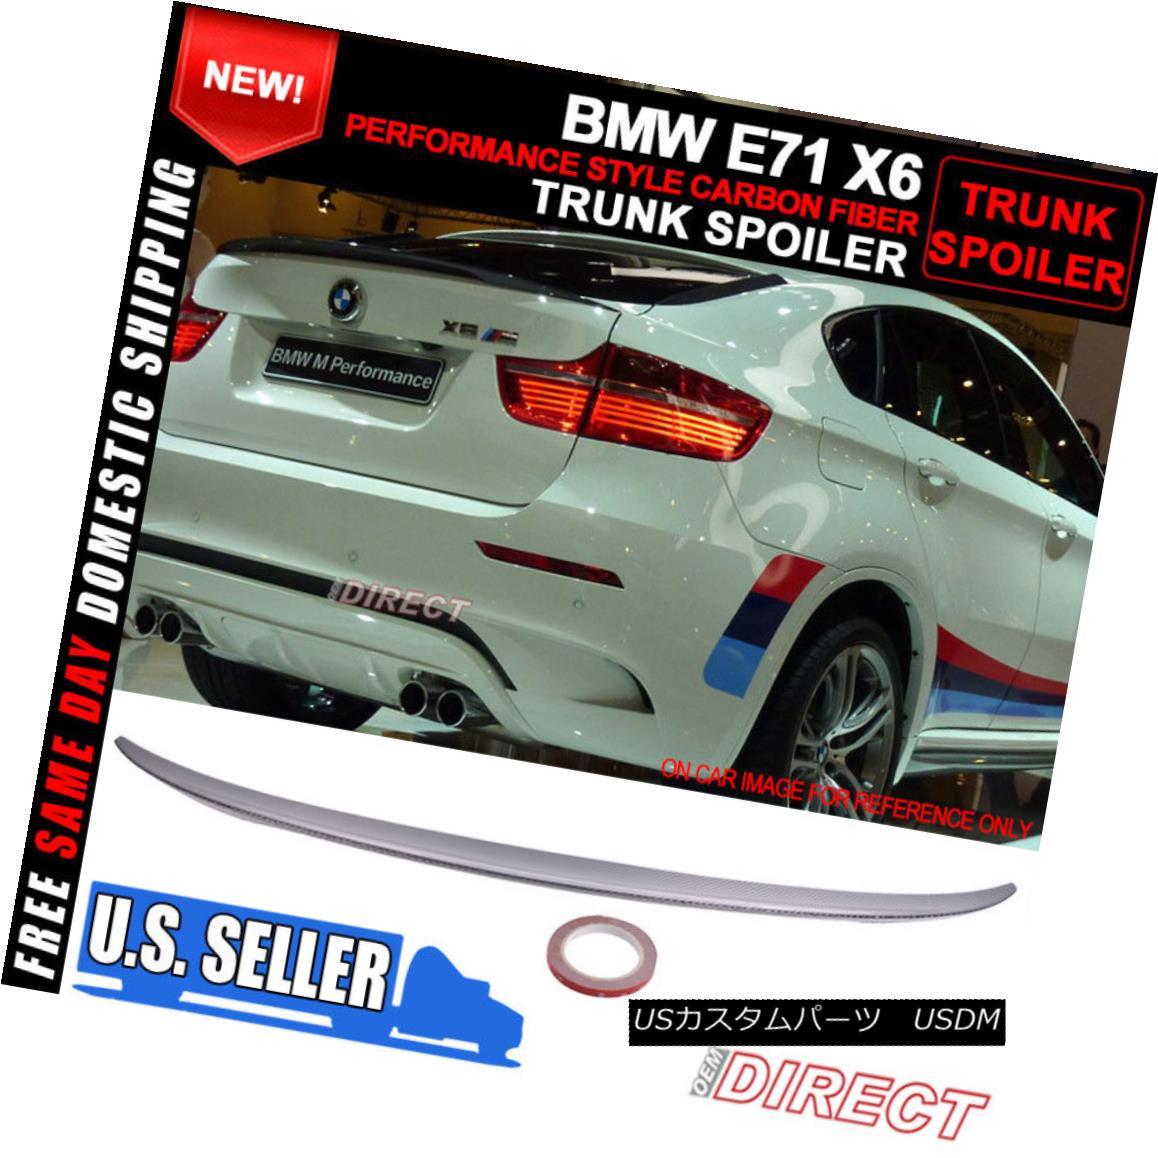 エアロパーツ 08-14 BMW E71 X6 5Dr SUV Performance Style Carbon Fiber Trunk Spoiler (CF) 08-14 BMW E71 X6 5Dr SUVパフォーマンススタイルカーボンファイバートランク・スポイラー(CF)